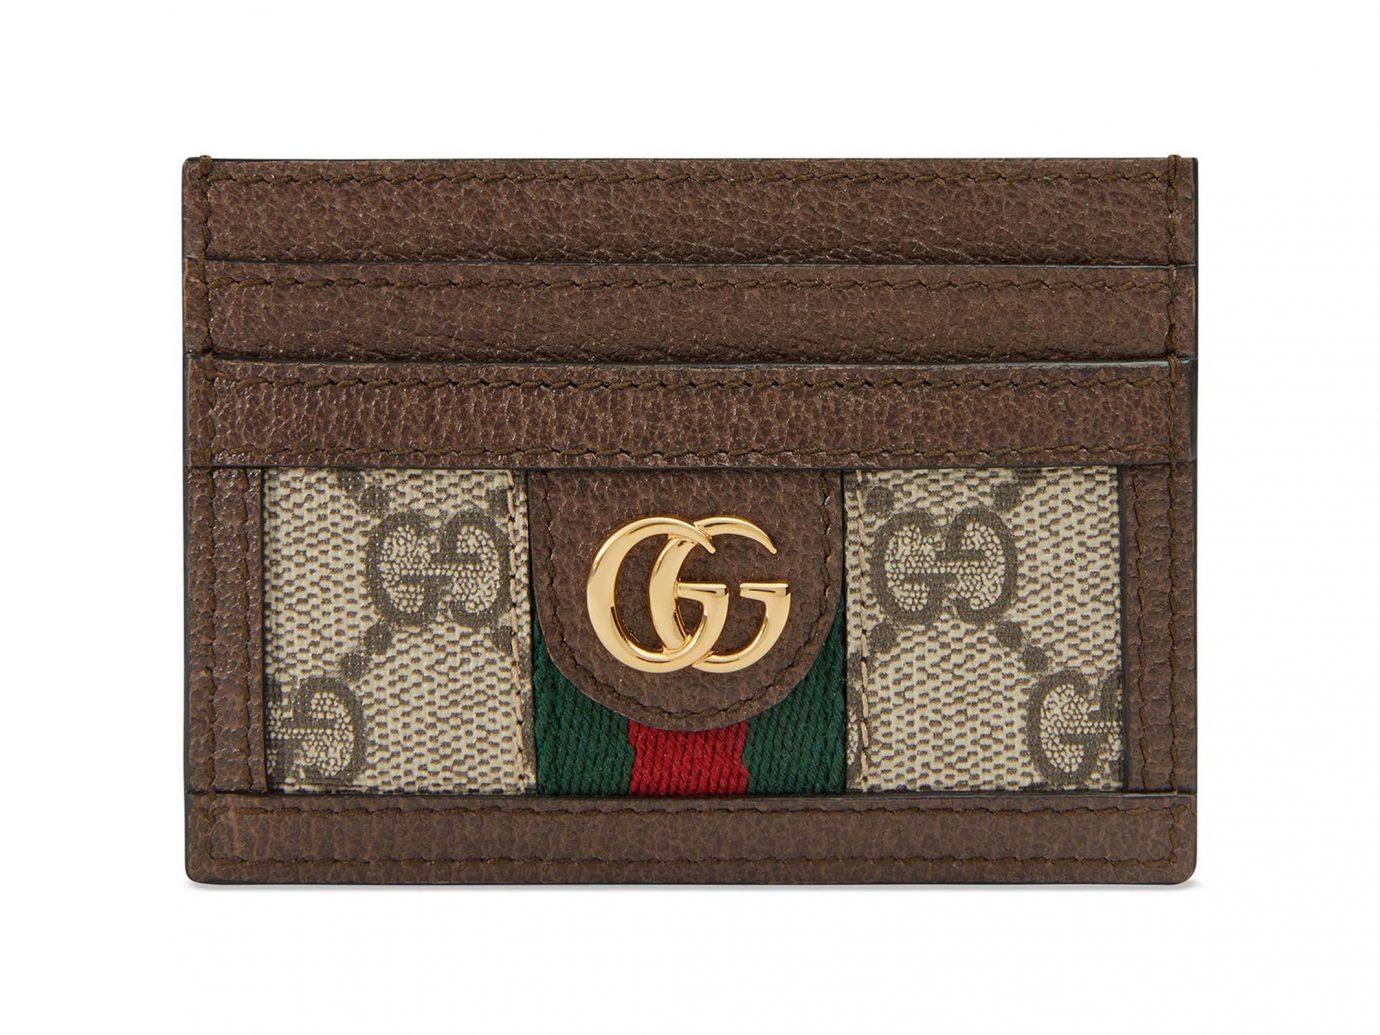 Gucci Ophidia GG Supreme Card Case